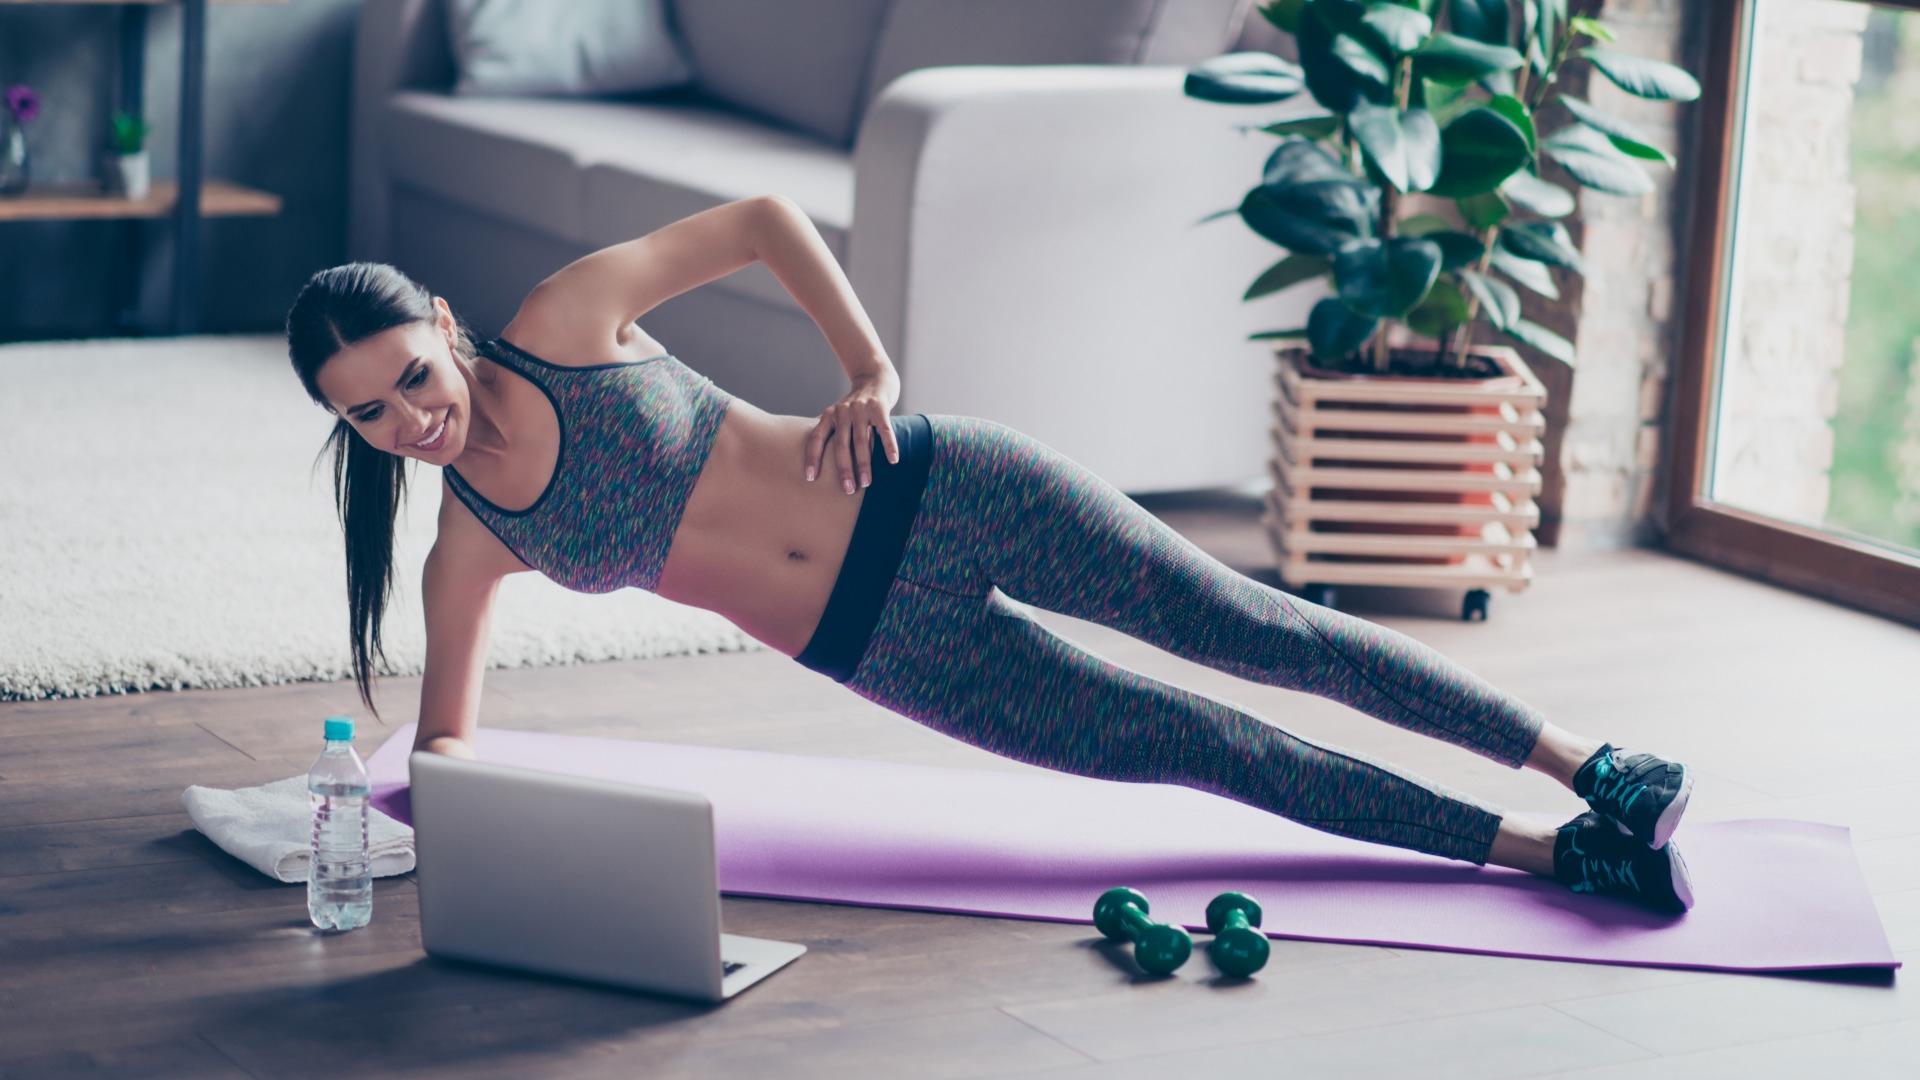 Cómo hacer ejercicio en casa. Entrena sin pesas o máquinas